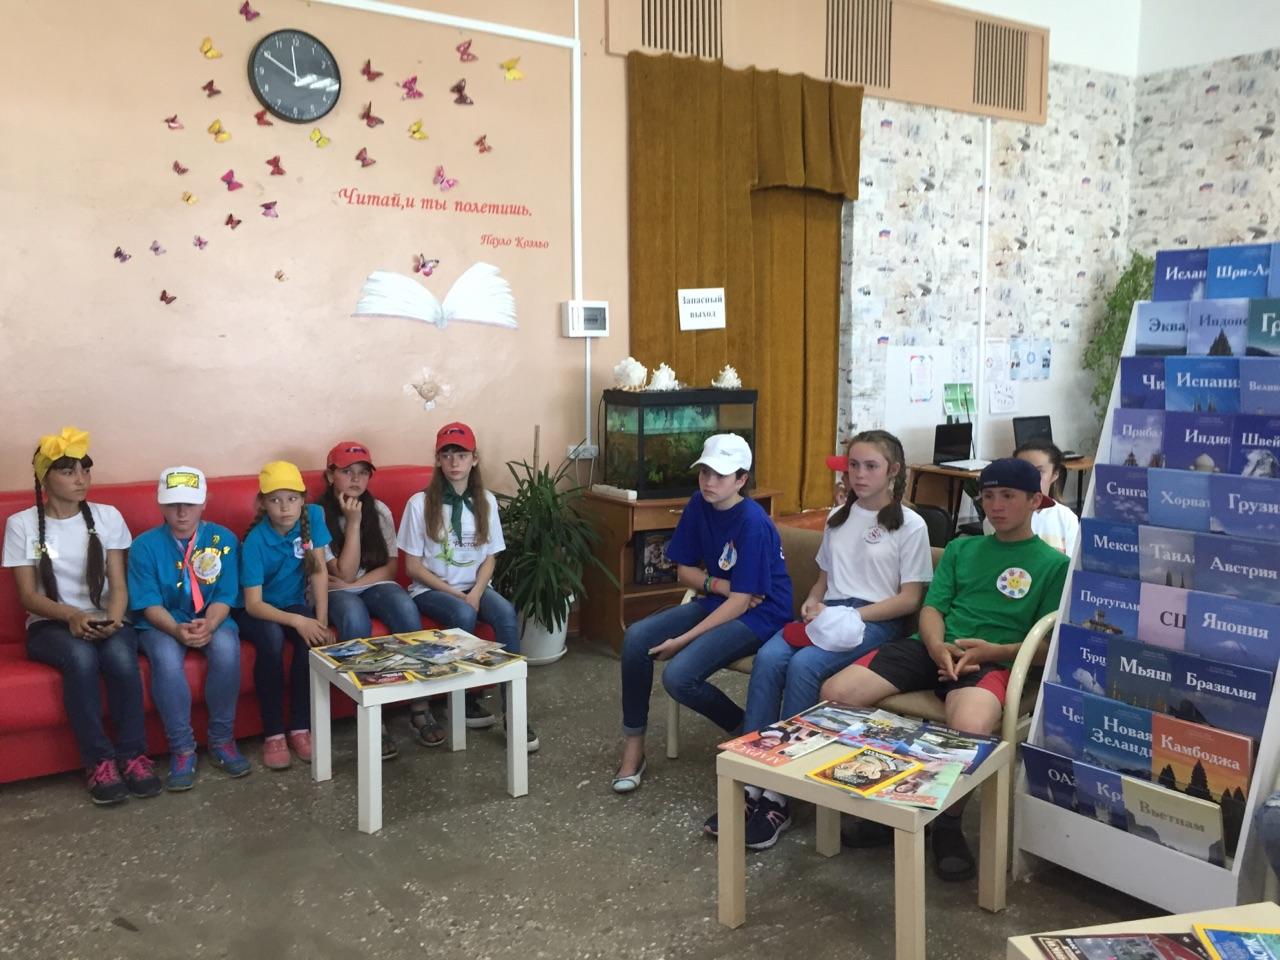 Рябининка для молодёжи: место, где нам интересно